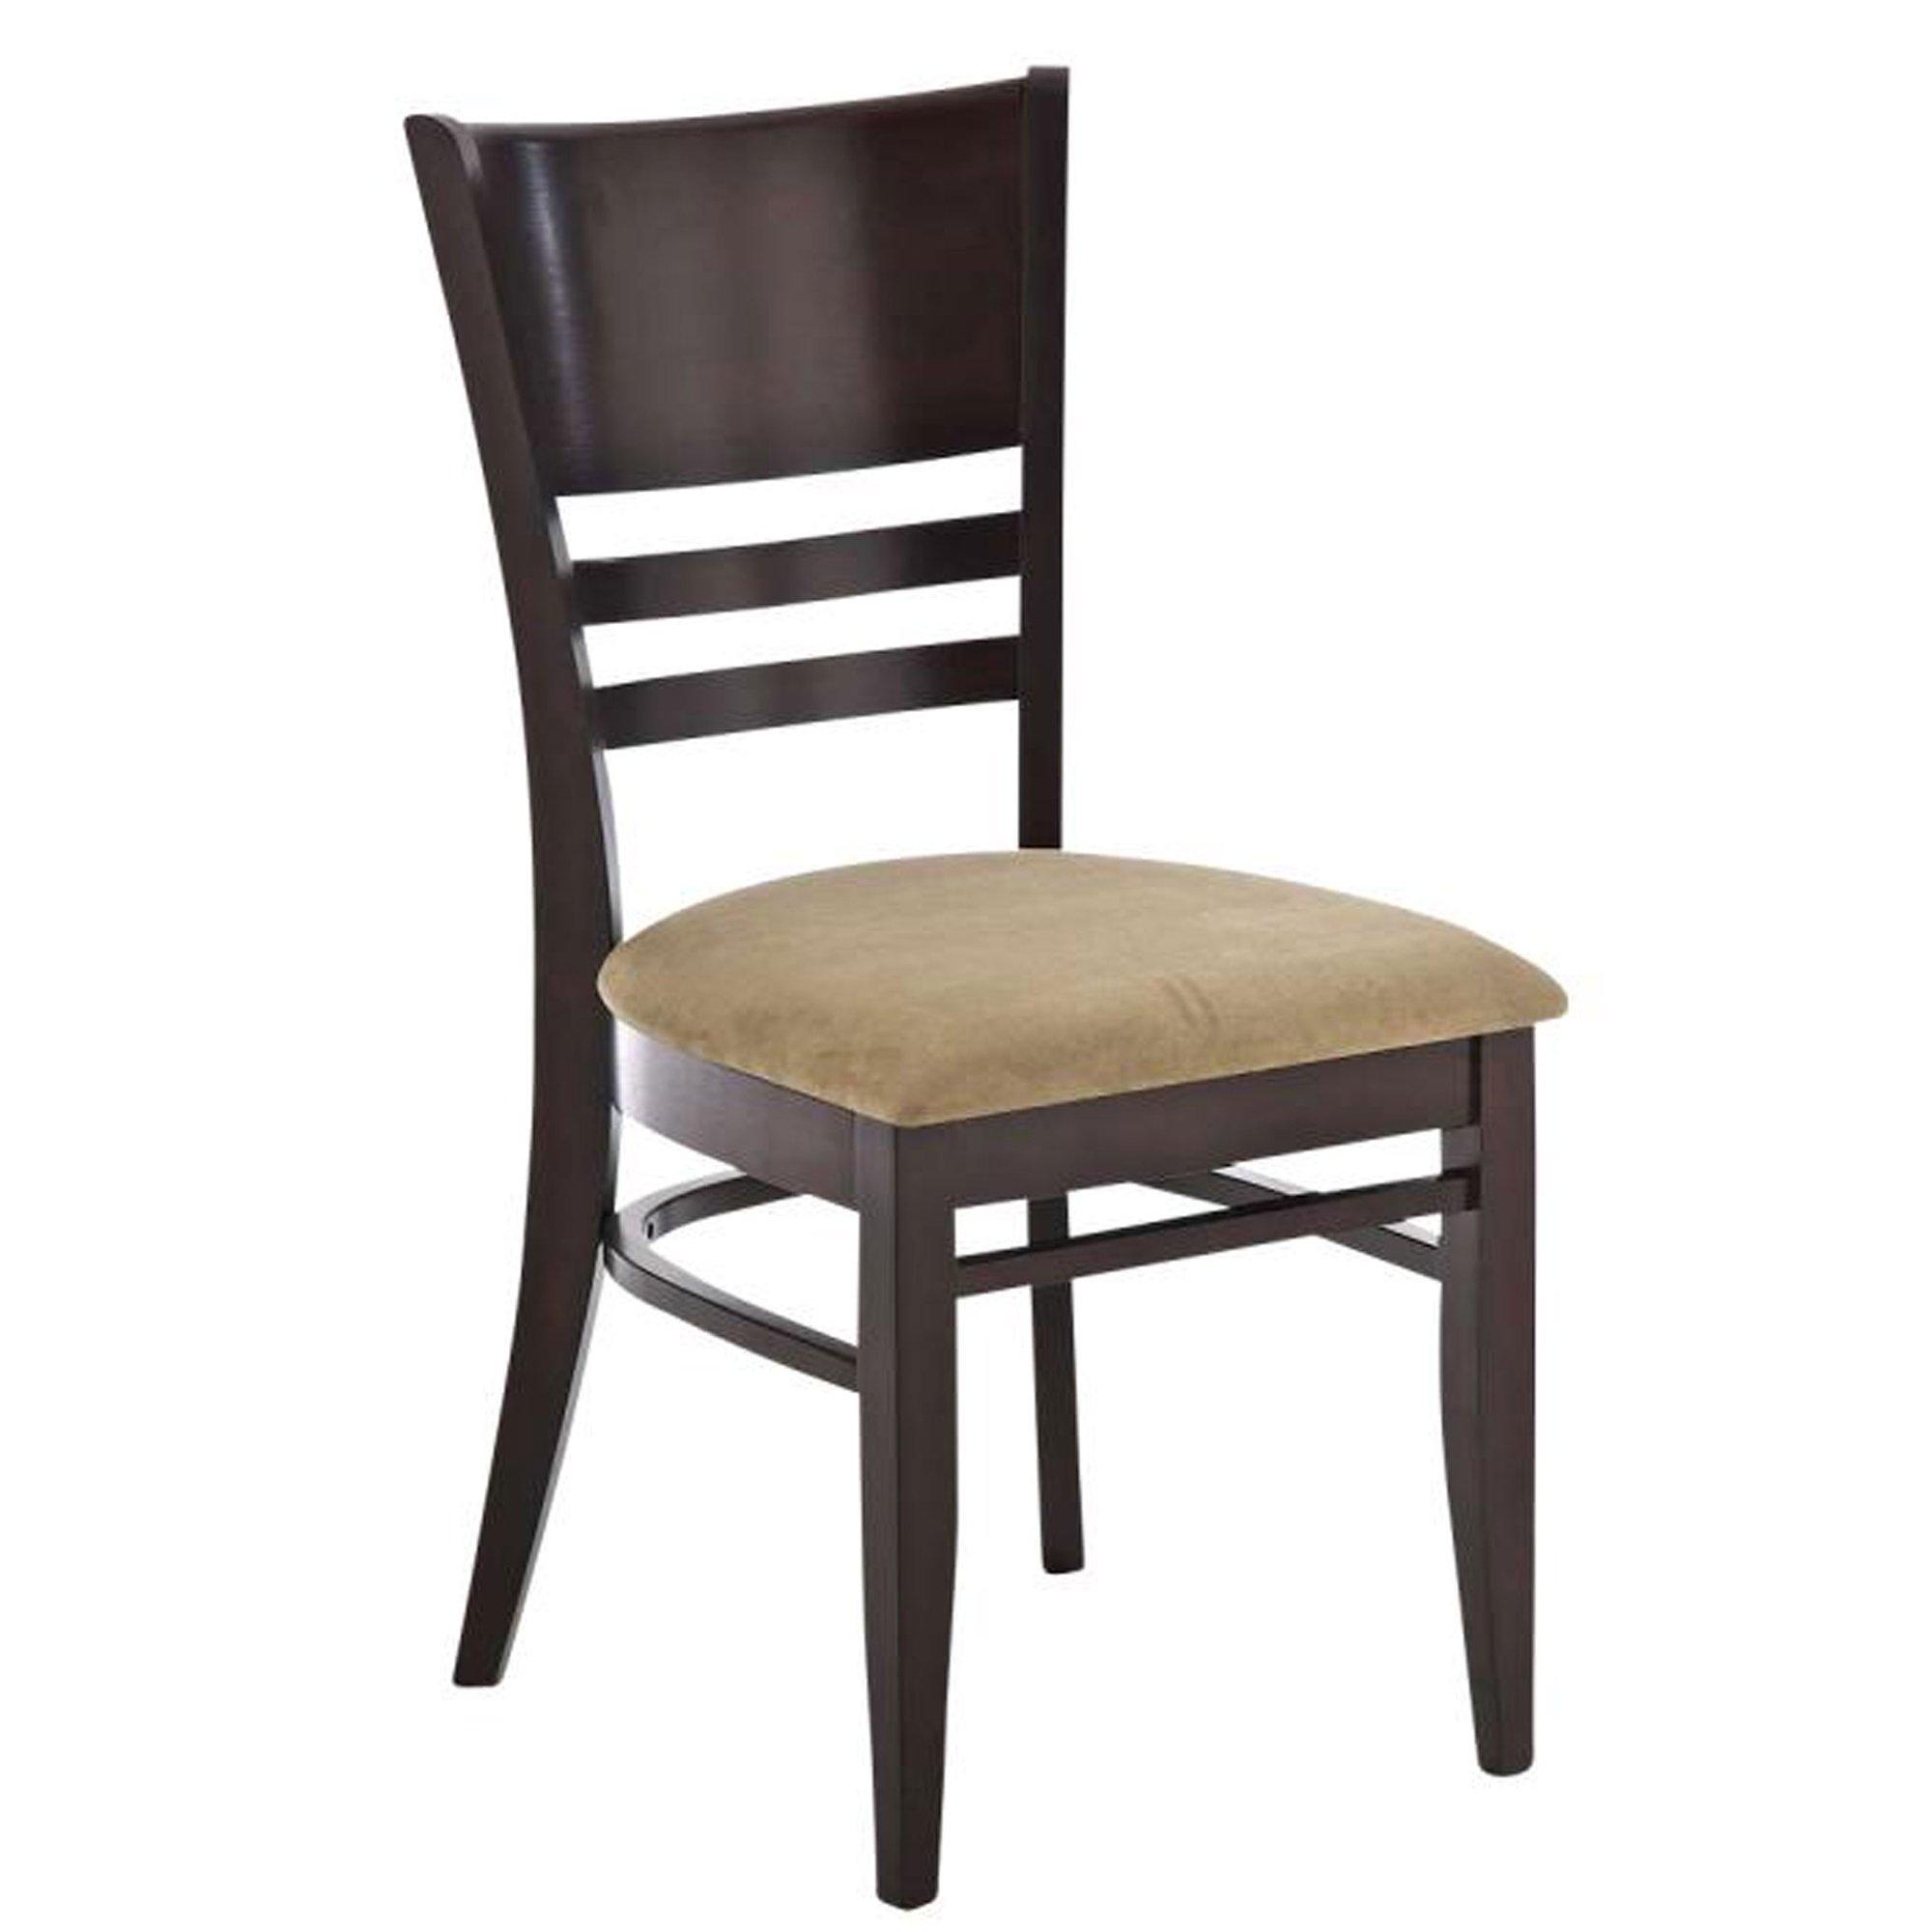 Silla de comedor en madera c38 color cappuccino marr n for Comedor sillas de colores